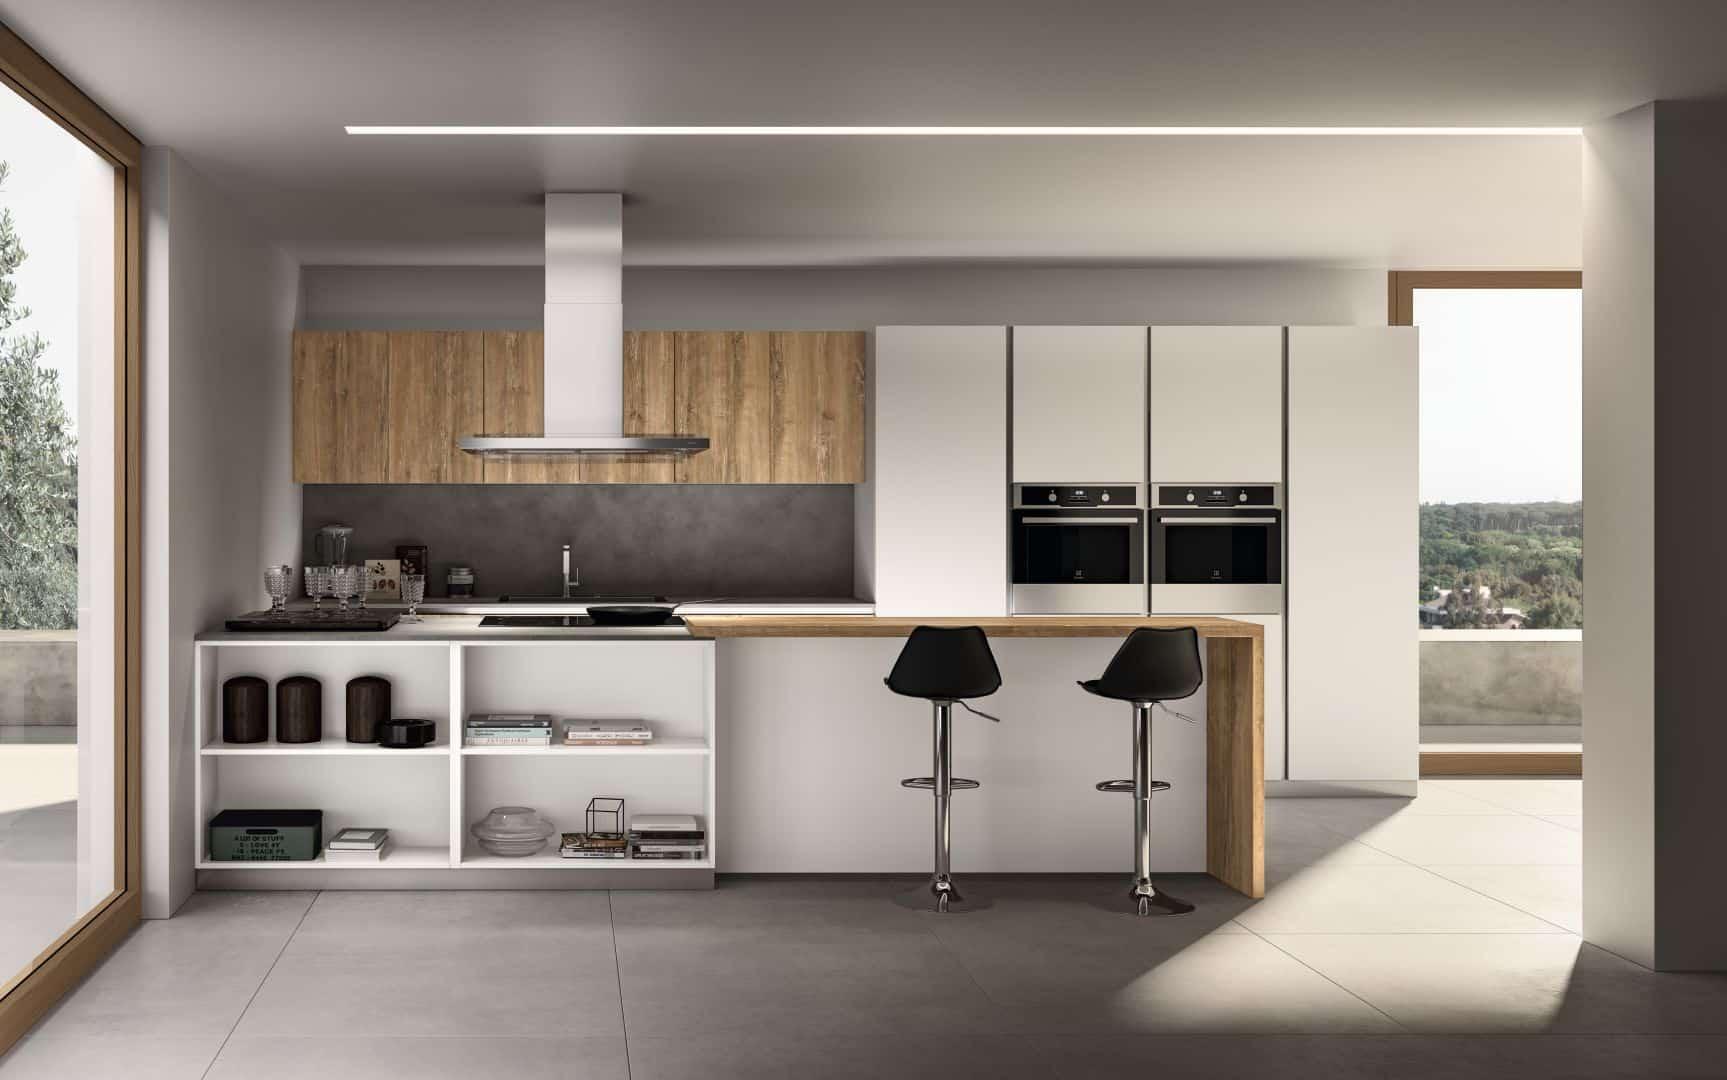 Κουζινα PET supermat σε υφή ξύλου και λευκή λάκα ματ ral 9003